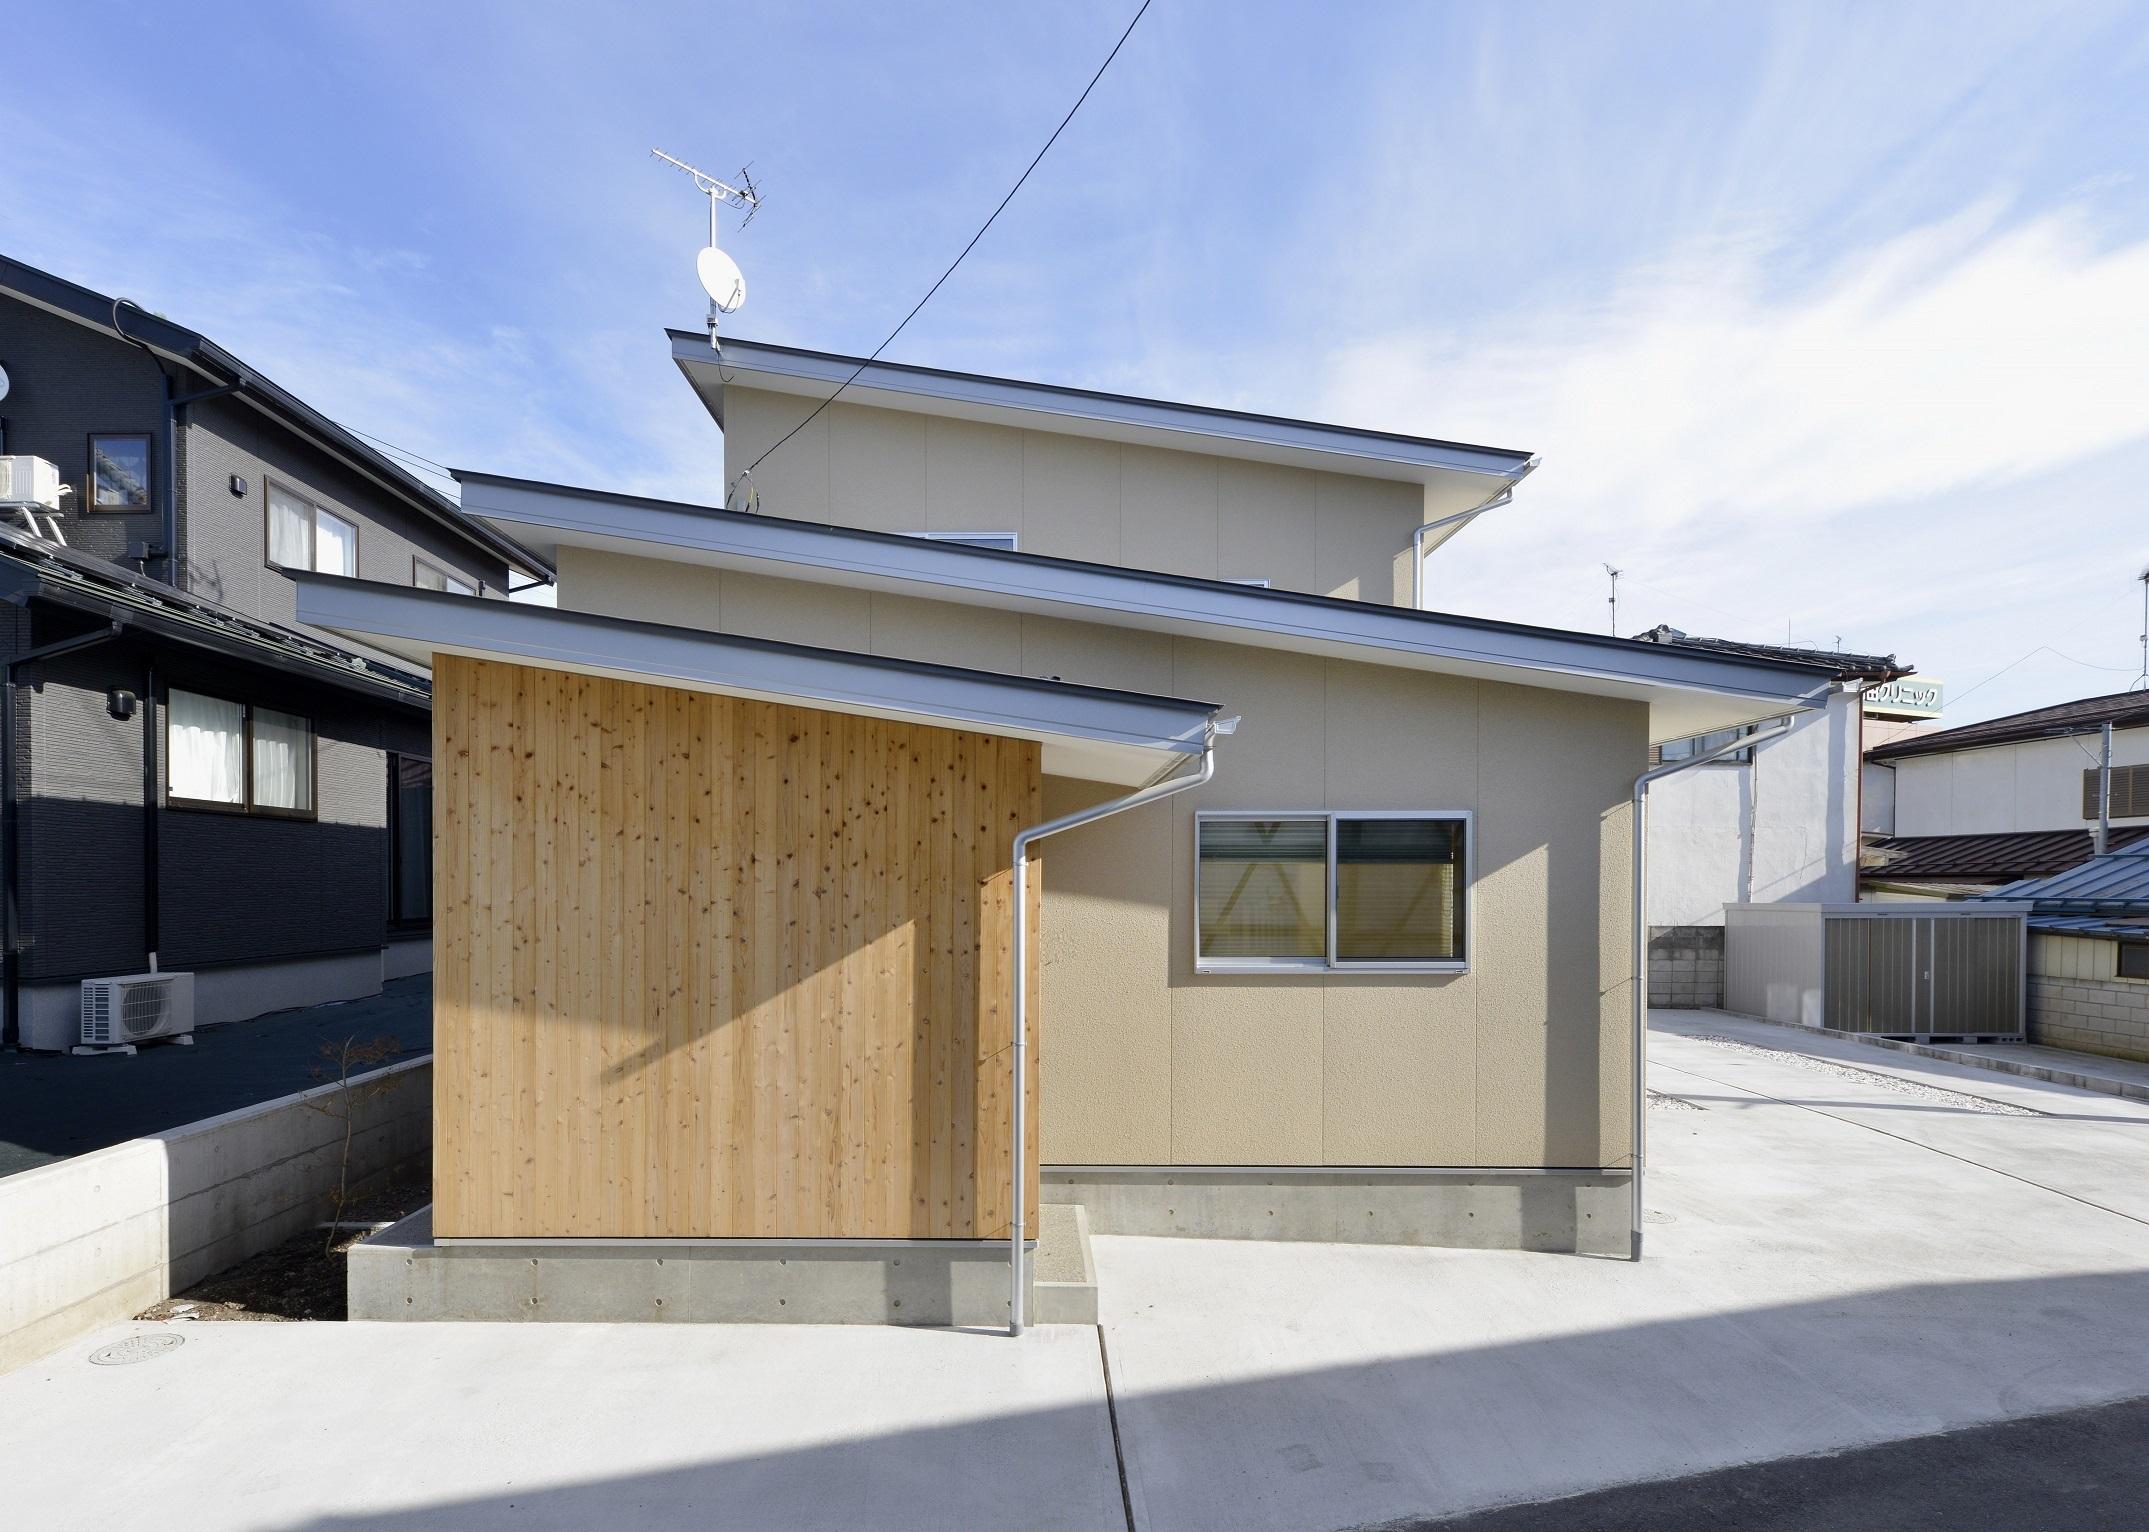 片流れ屋根の和モダン住宅 (ゼロエネ住宅)